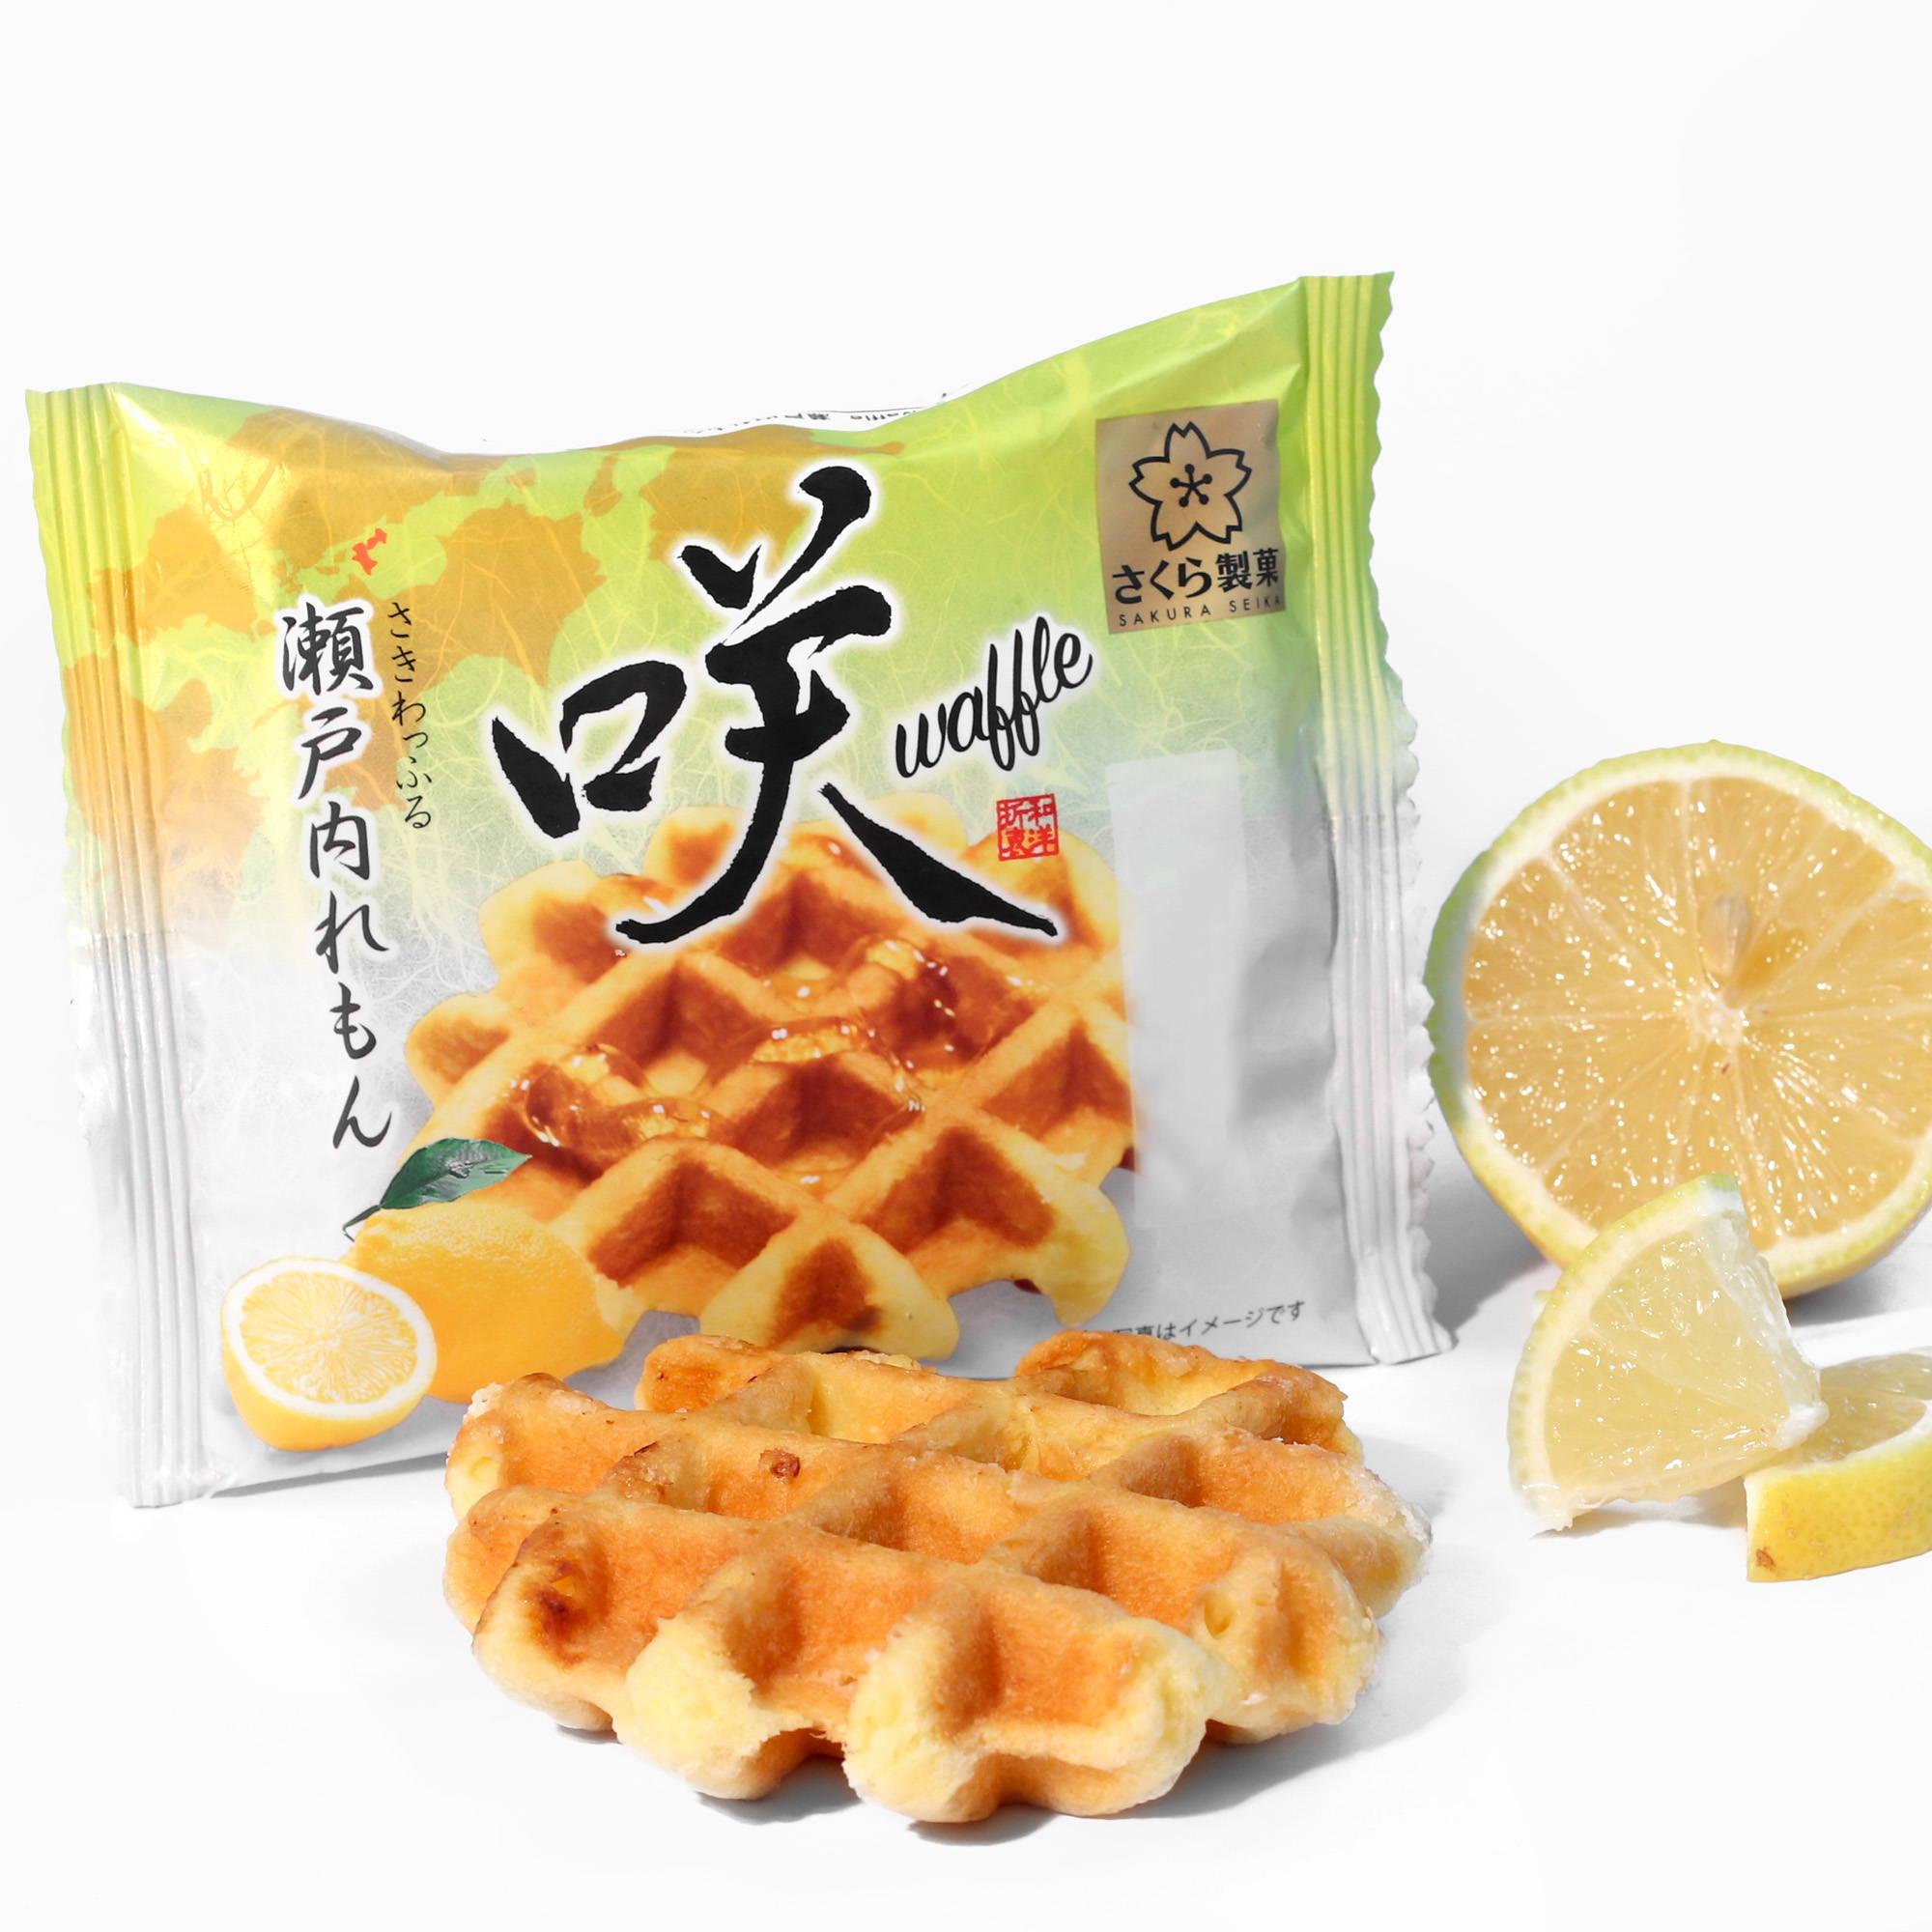 Saki Waffle Setouchi Lemon